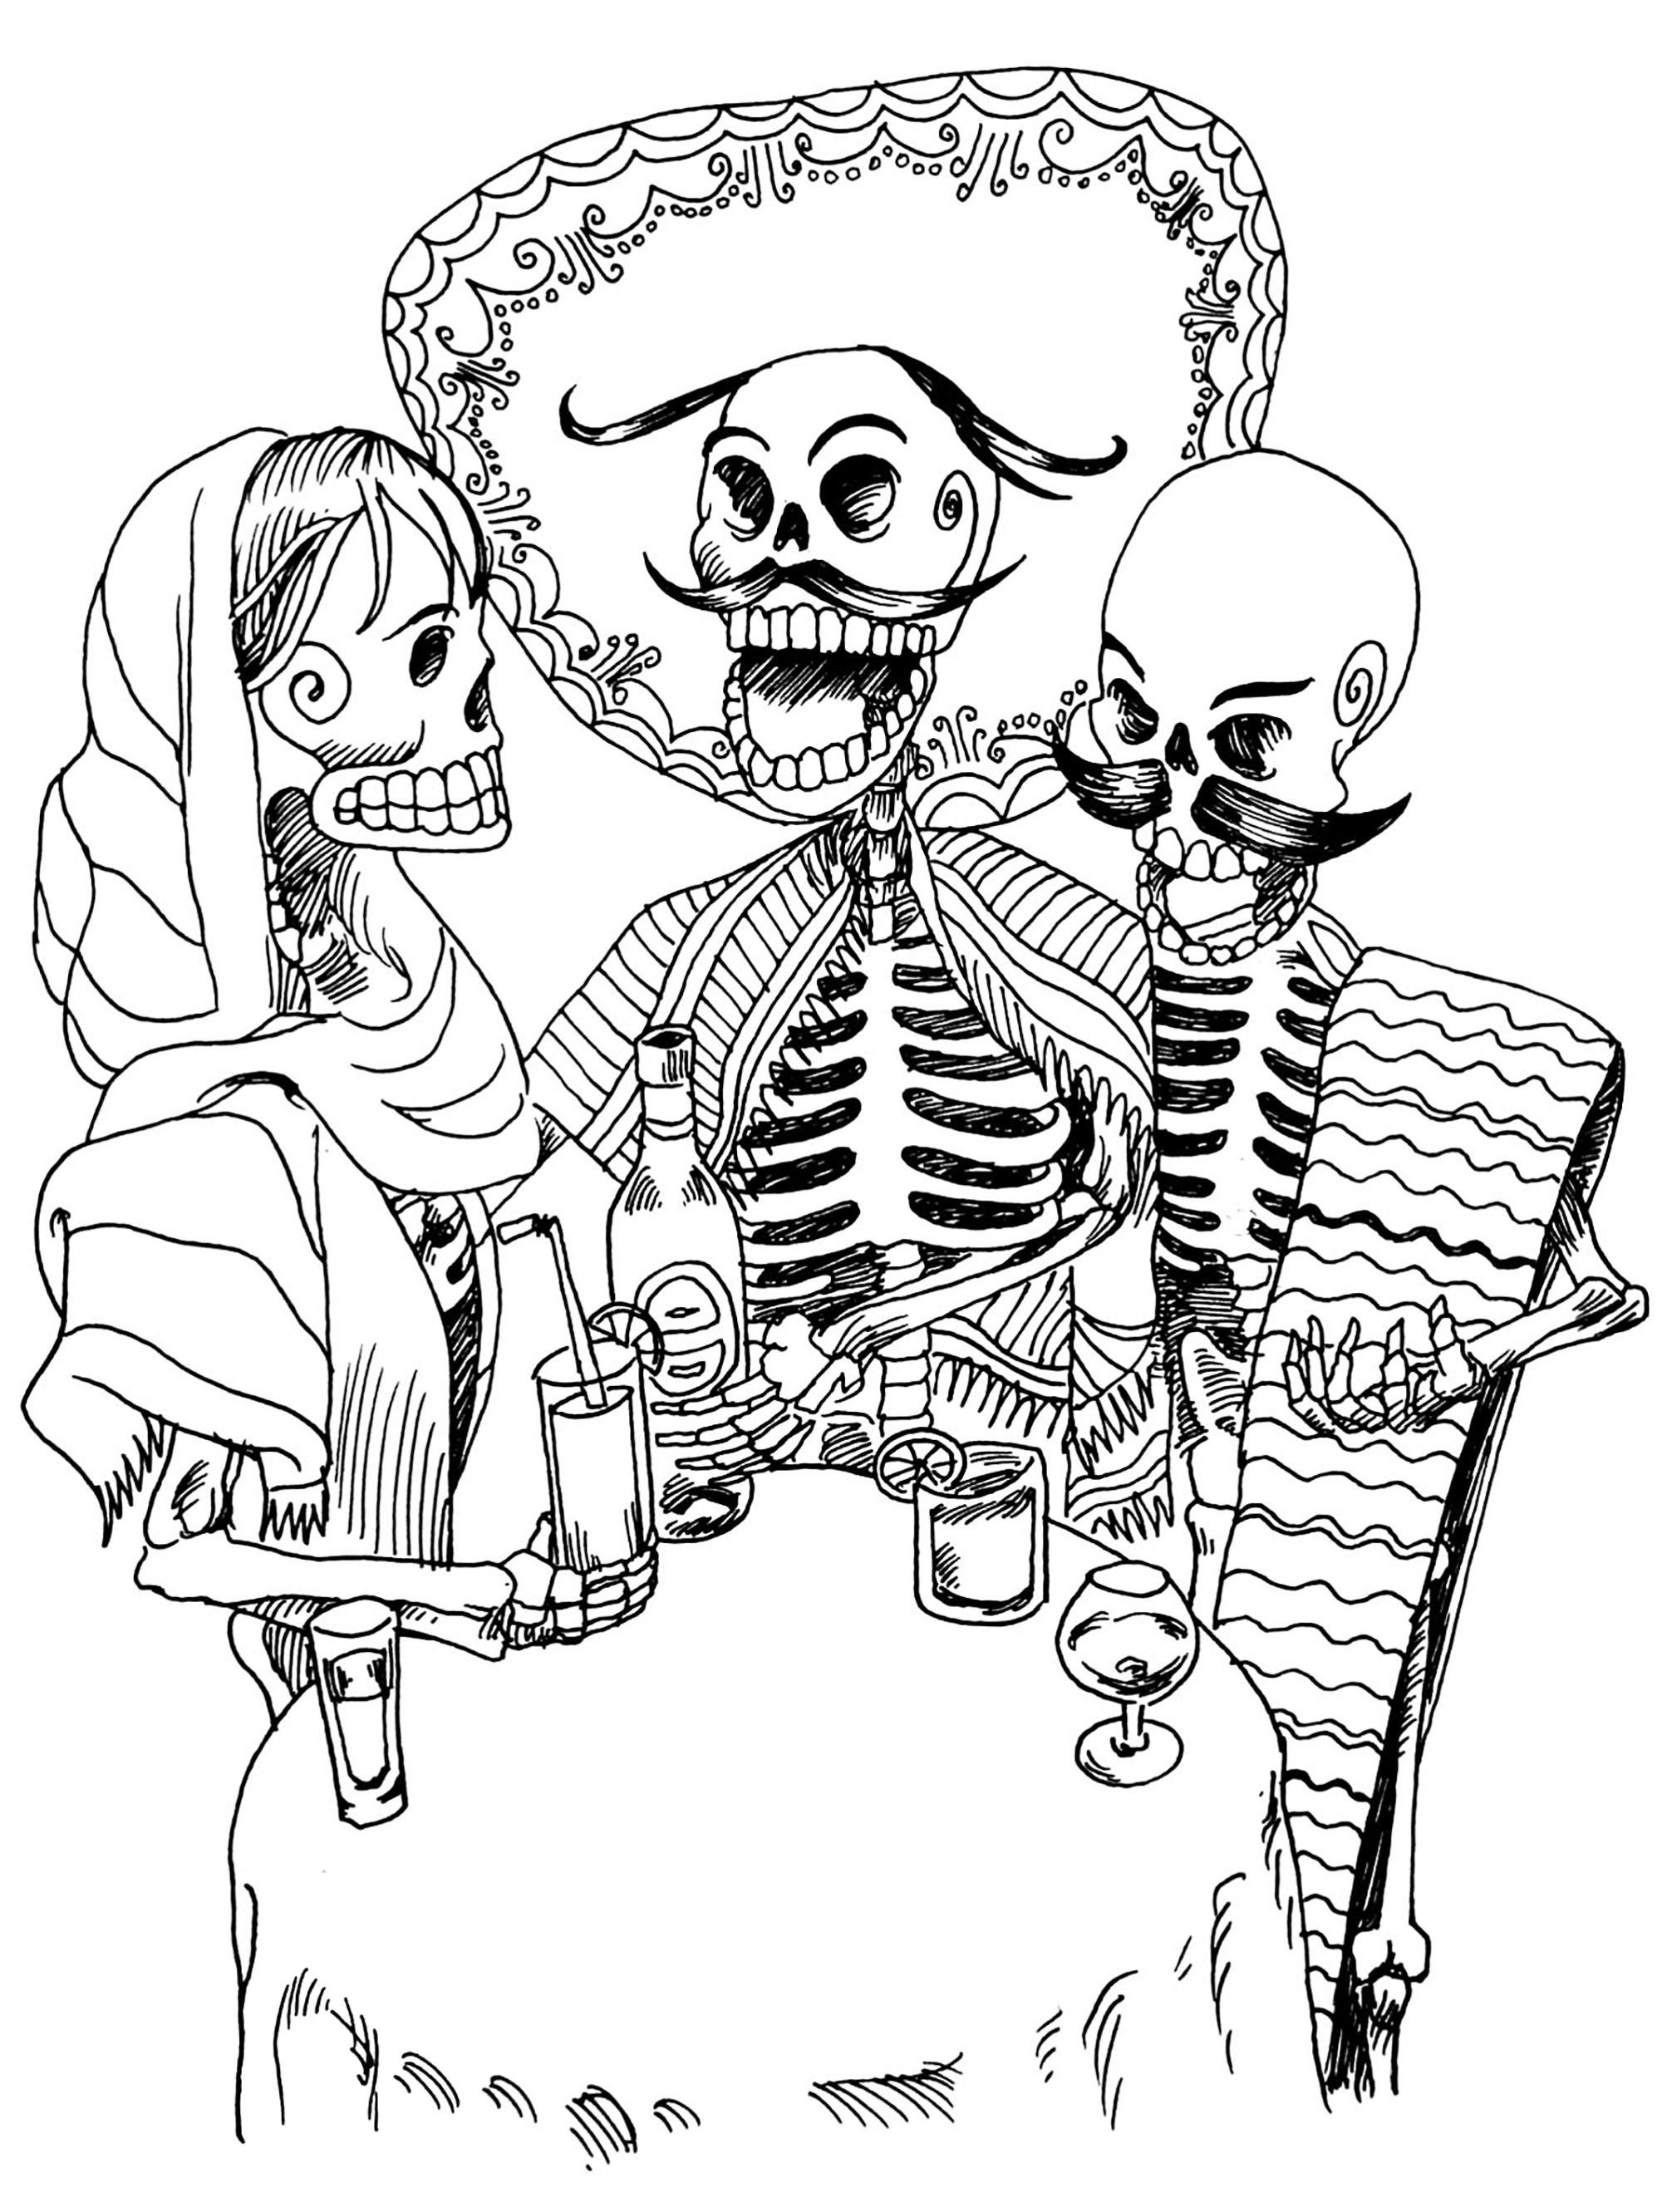 El dia de los muertos squelettes el dia de los muertos - Coloriage squelette halloween ...